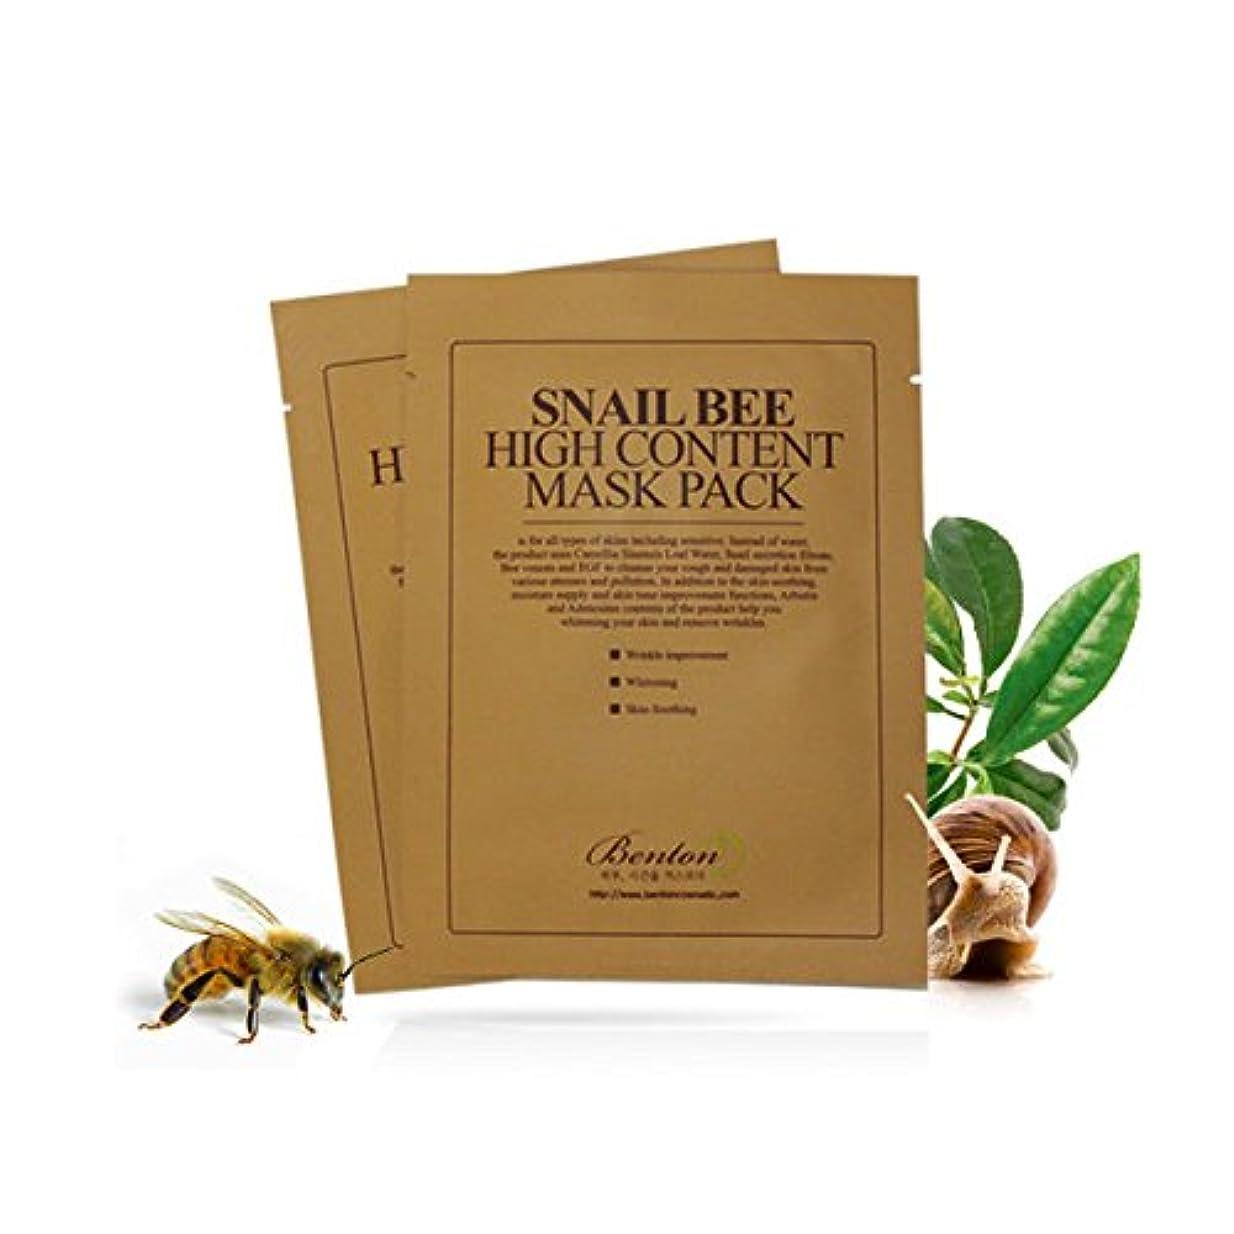 おしゃれじゃない面白いリフト[ベントン] BENTON カタツムリ蜂の高いコンテンツ?マスクパック Snail Bee High Content Mask Pack Sheet 10 Pcs [並行輸入品]